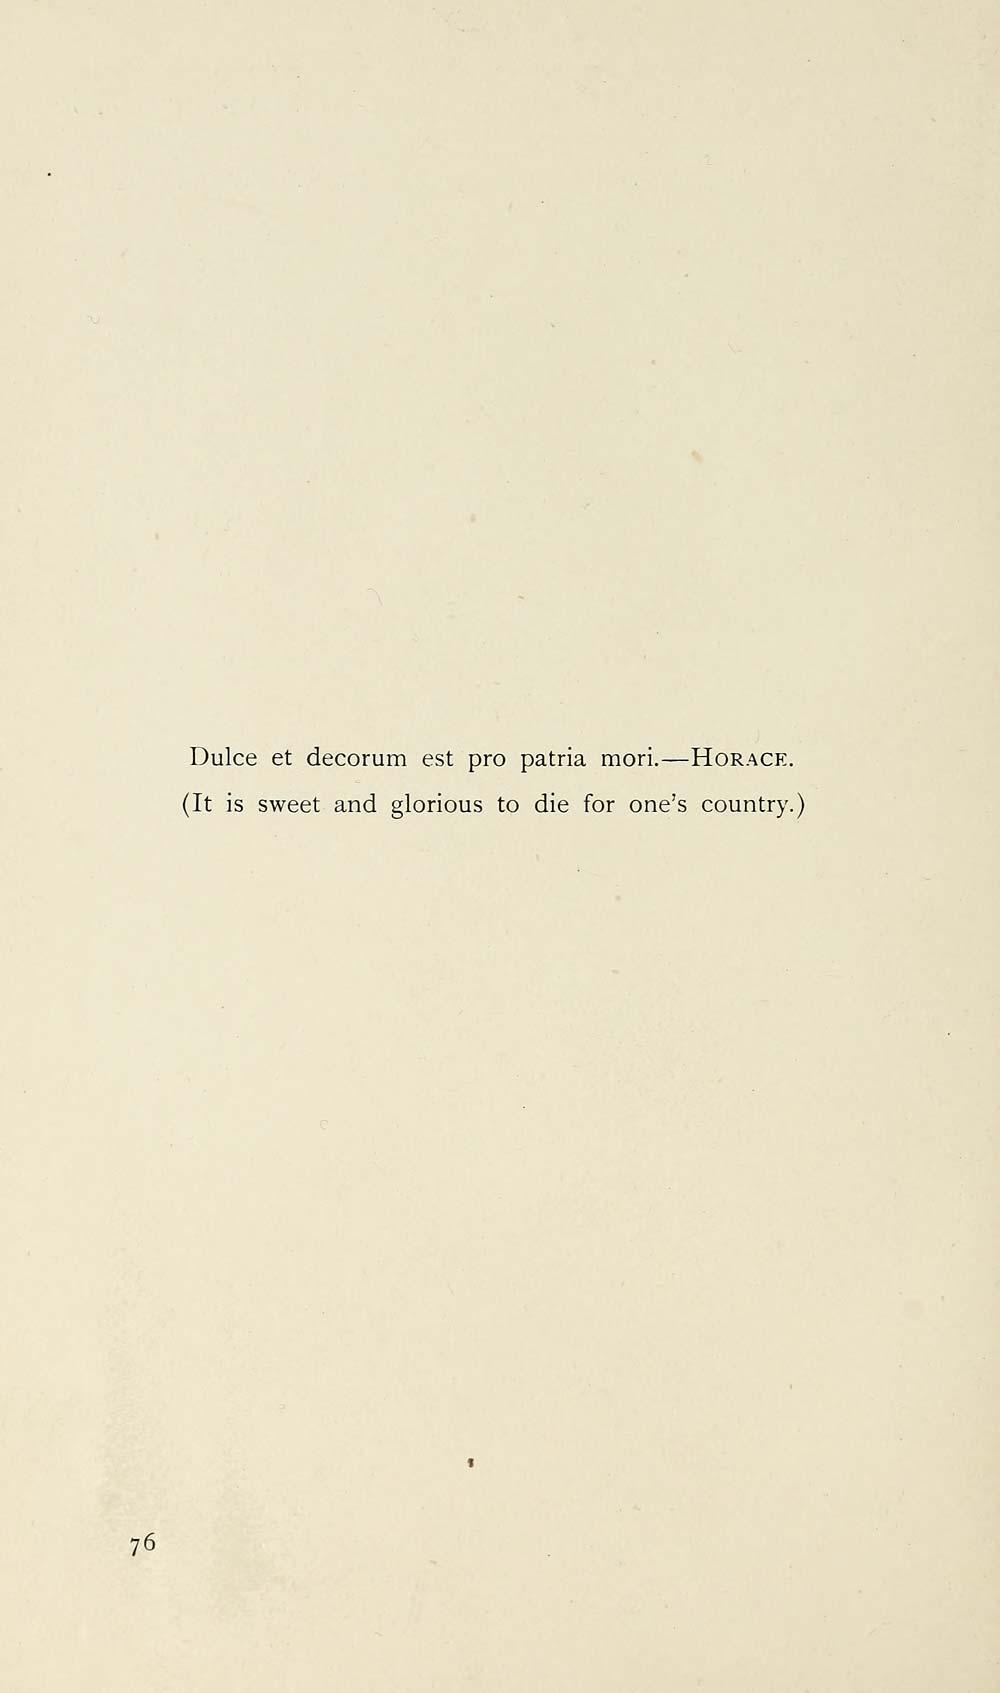 dulce et decorum est translation line by line